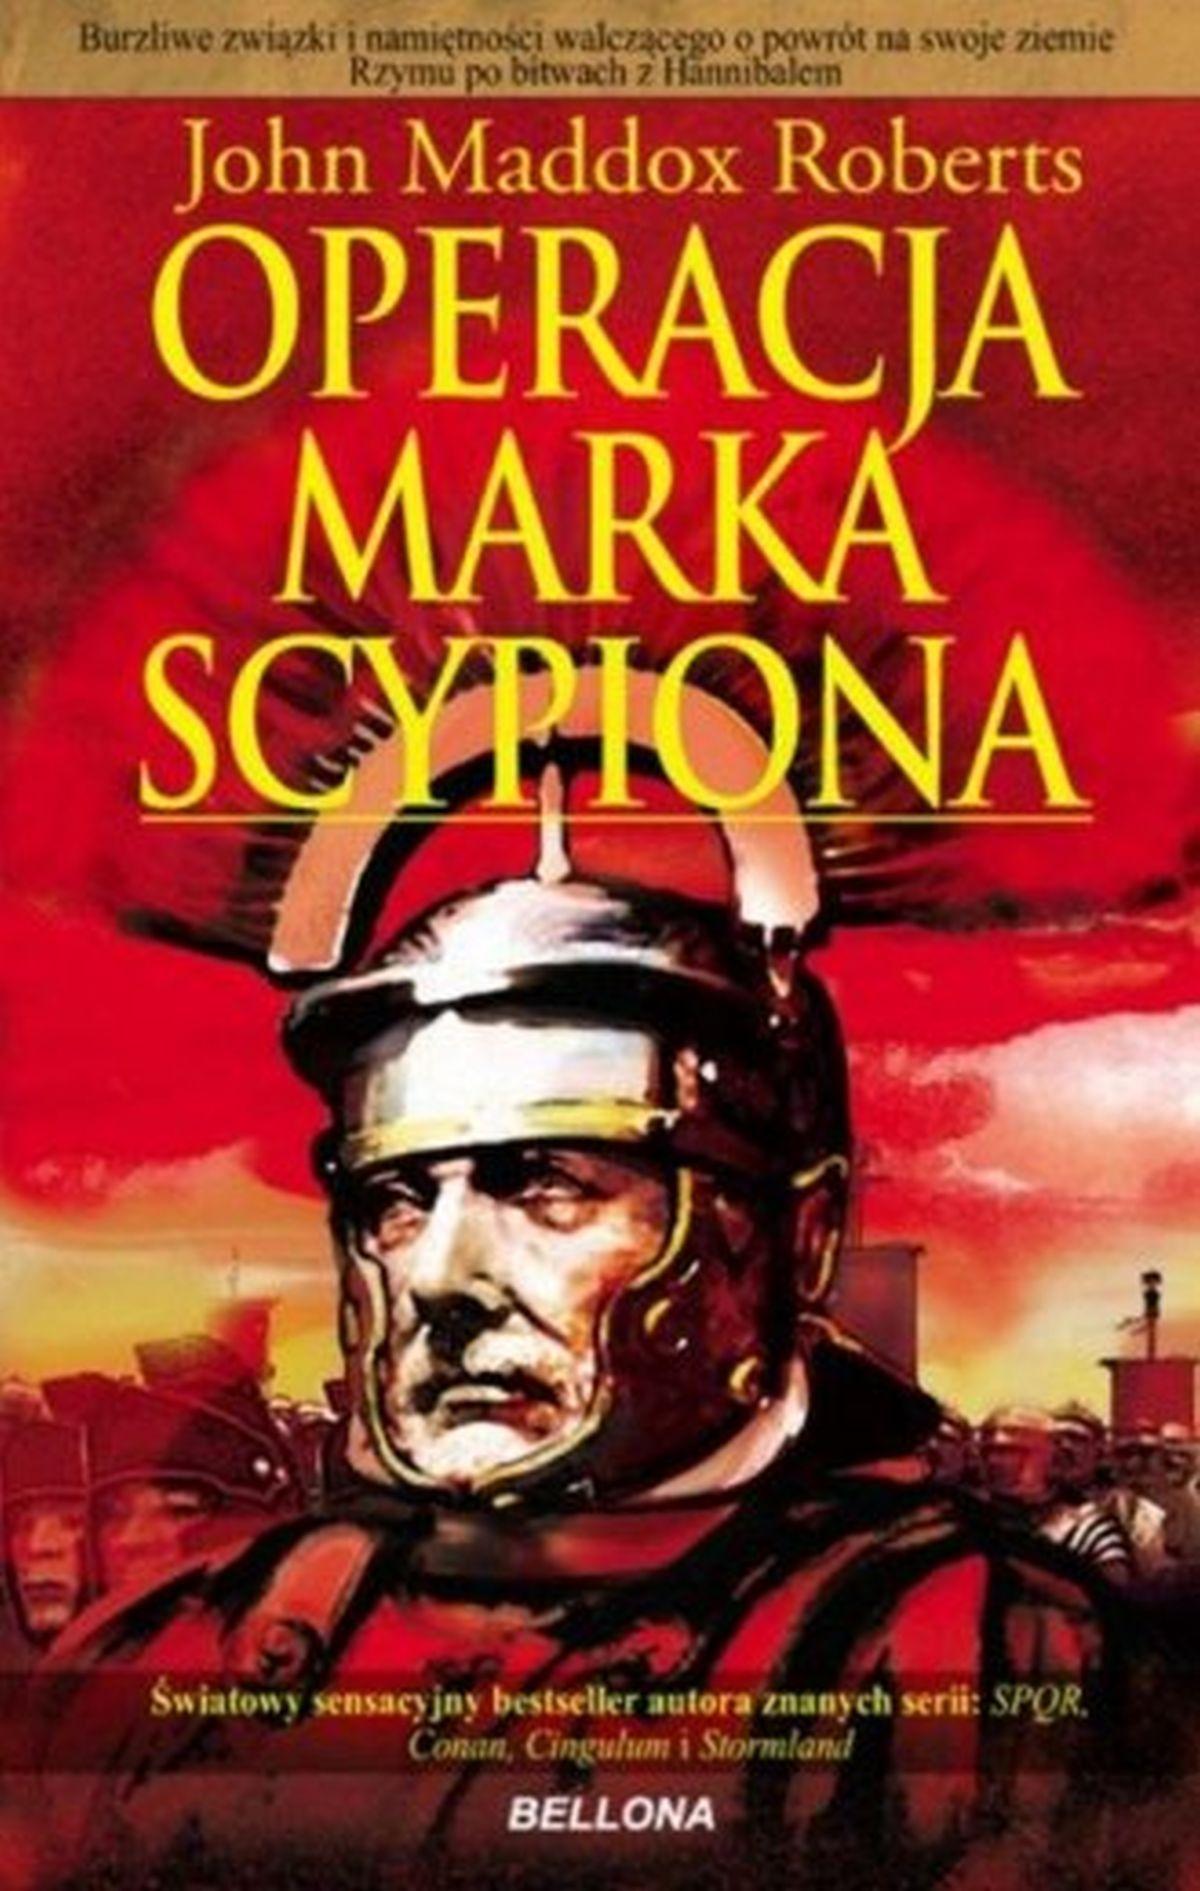 Operacja Marka Scypiona